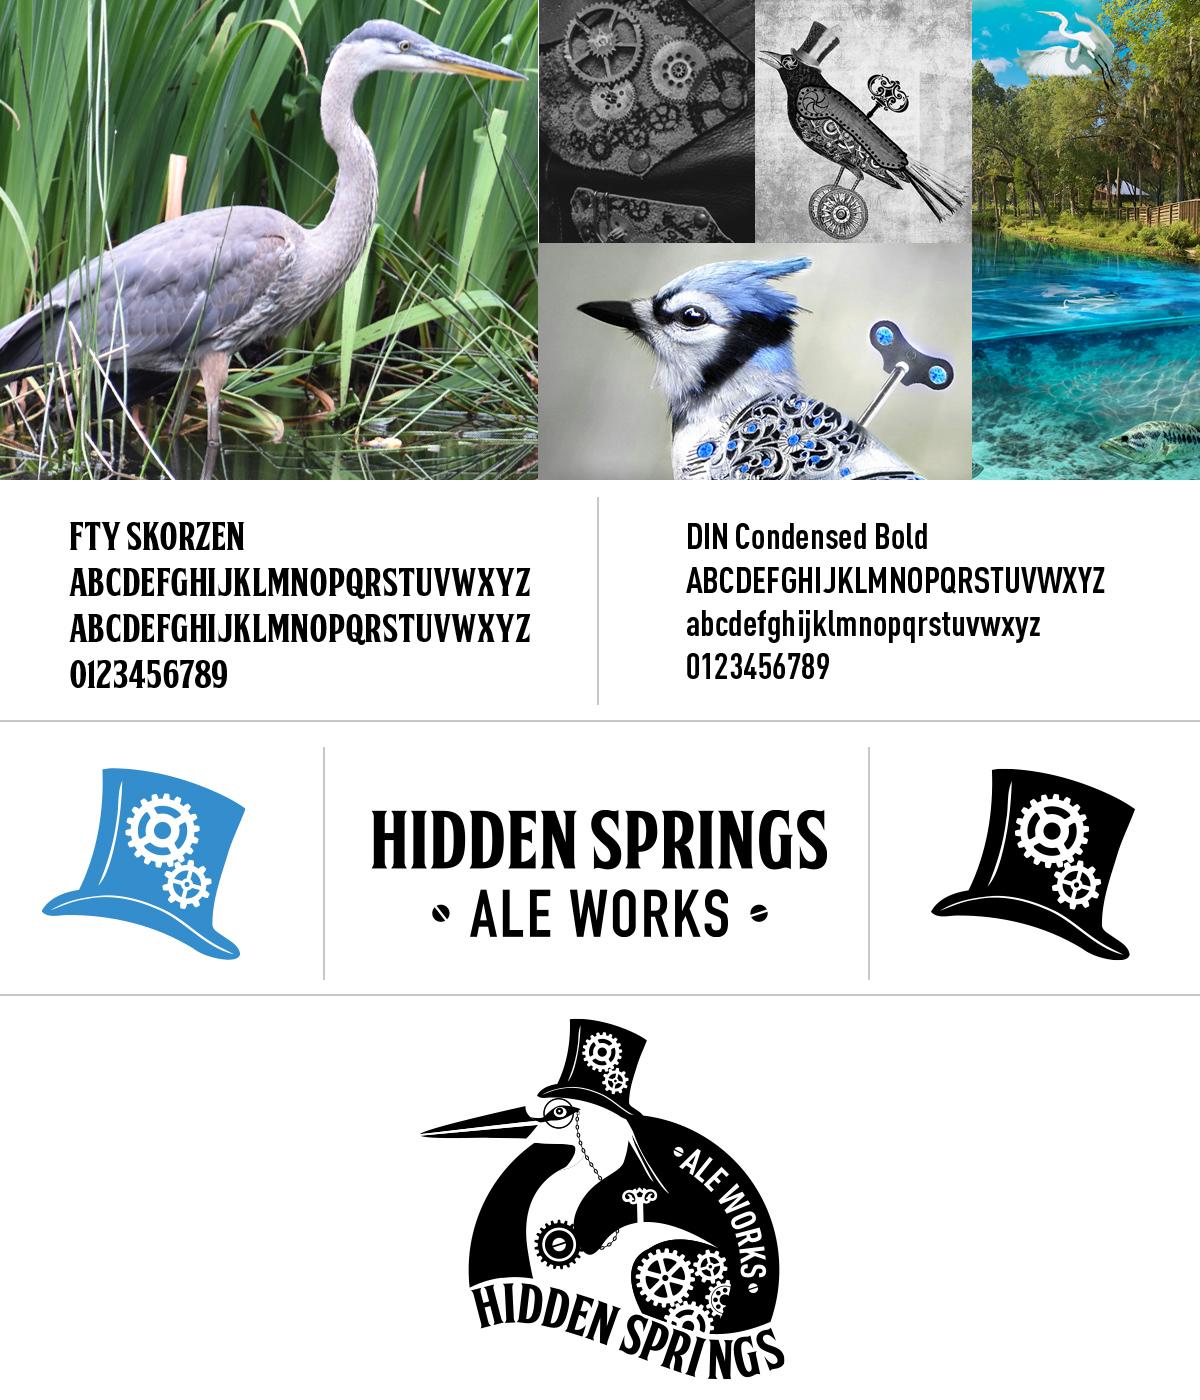 danni-goodman-branding-hidden-springs-ale-works02.jpg